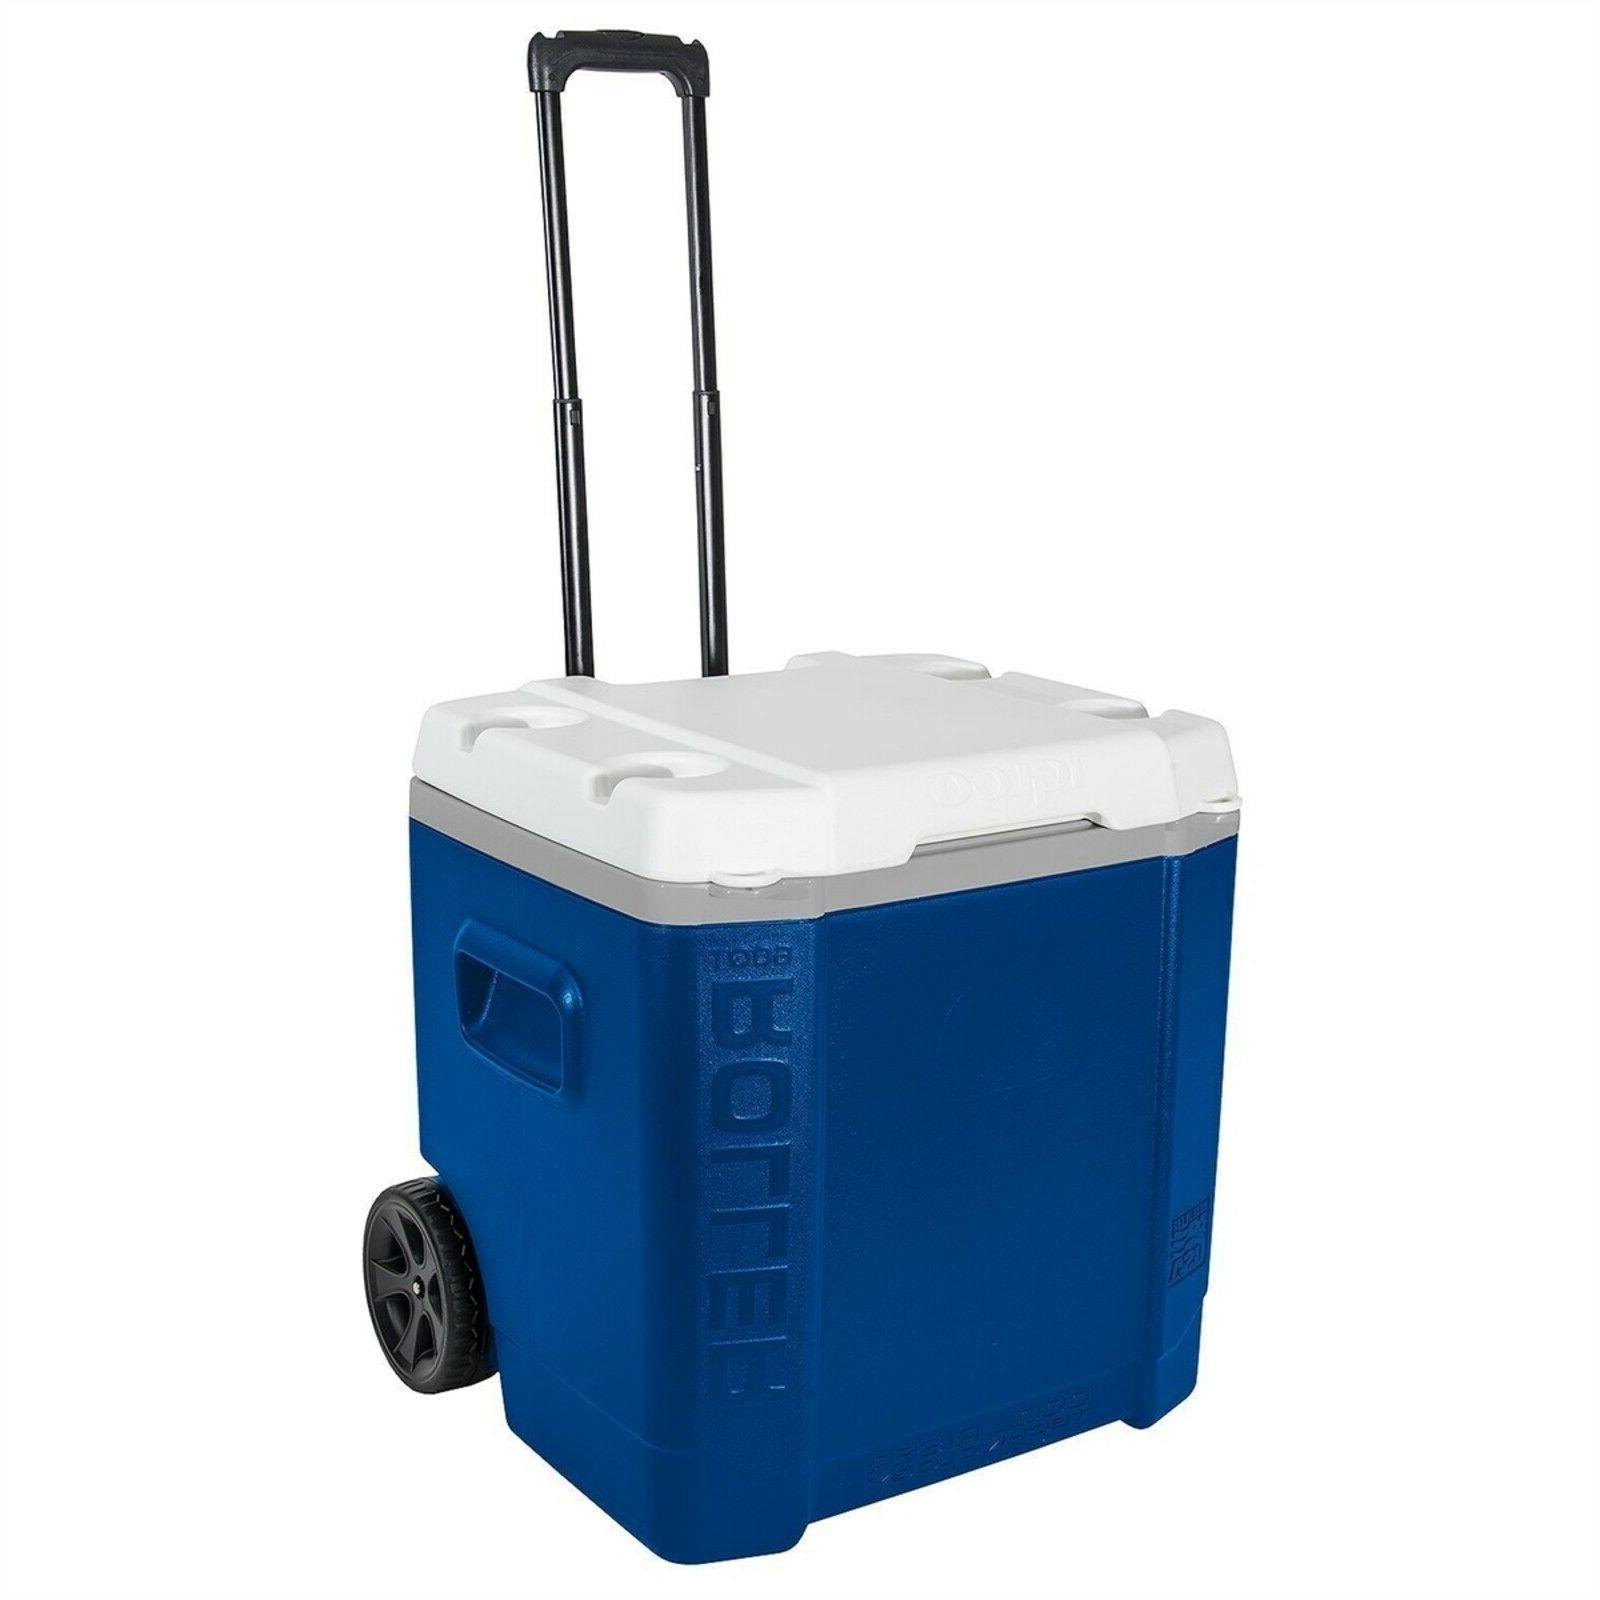 60 quart ice cube roller cooler